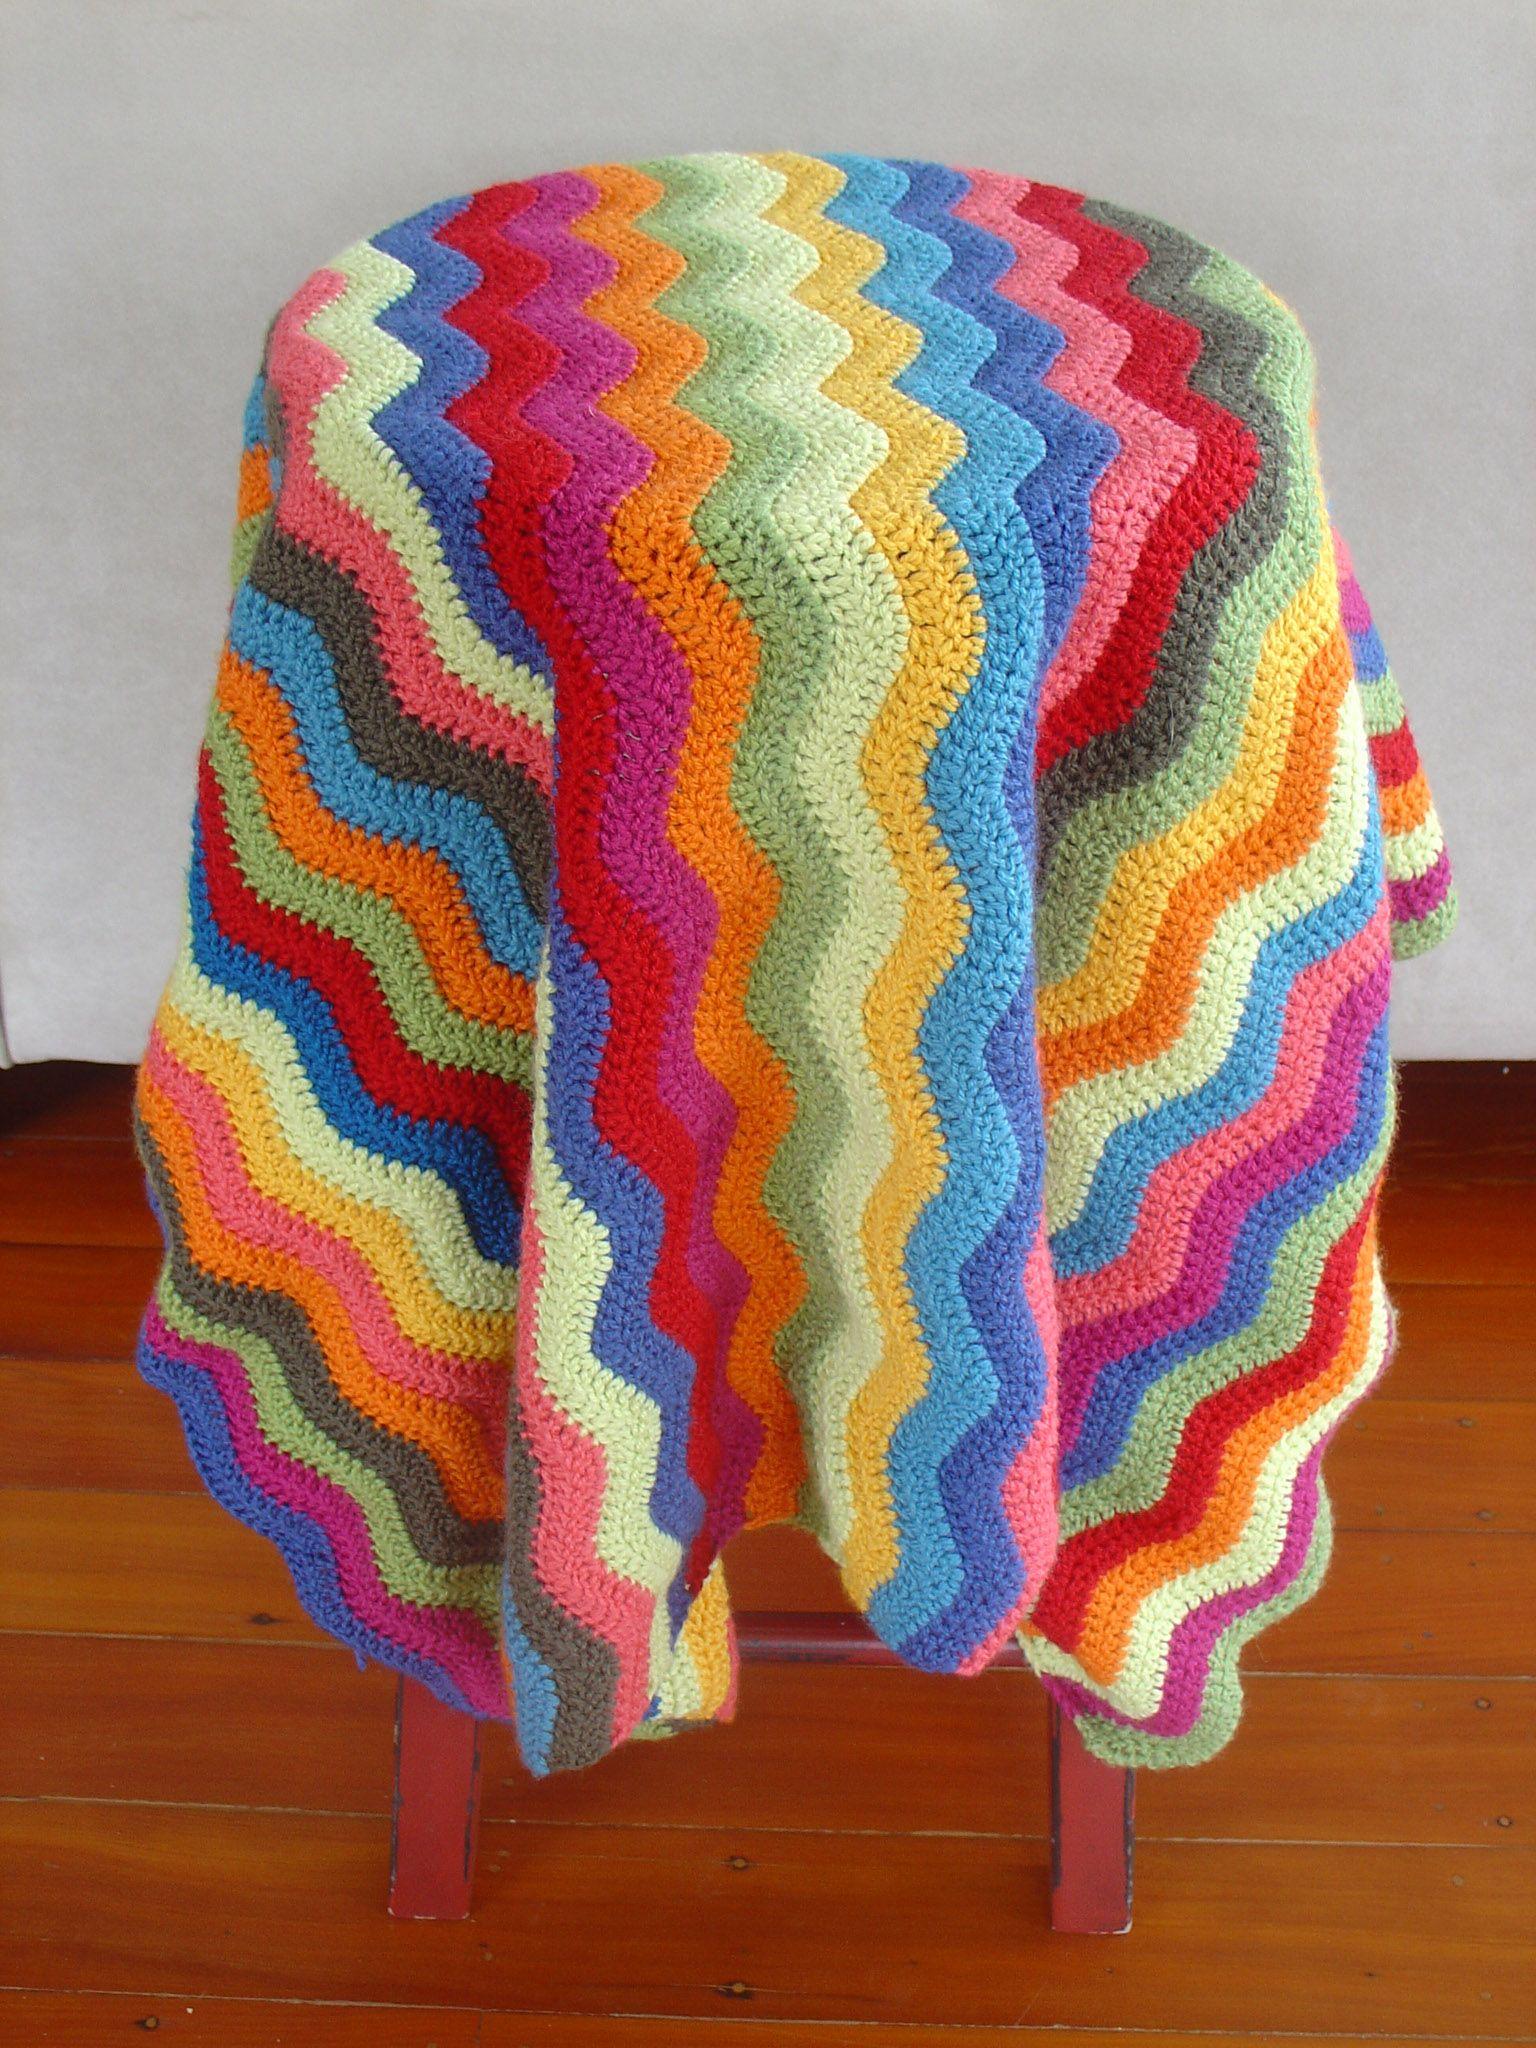 Ripple blanket   Mantas y colchas   Pinterest   Manta, Colchas y ...